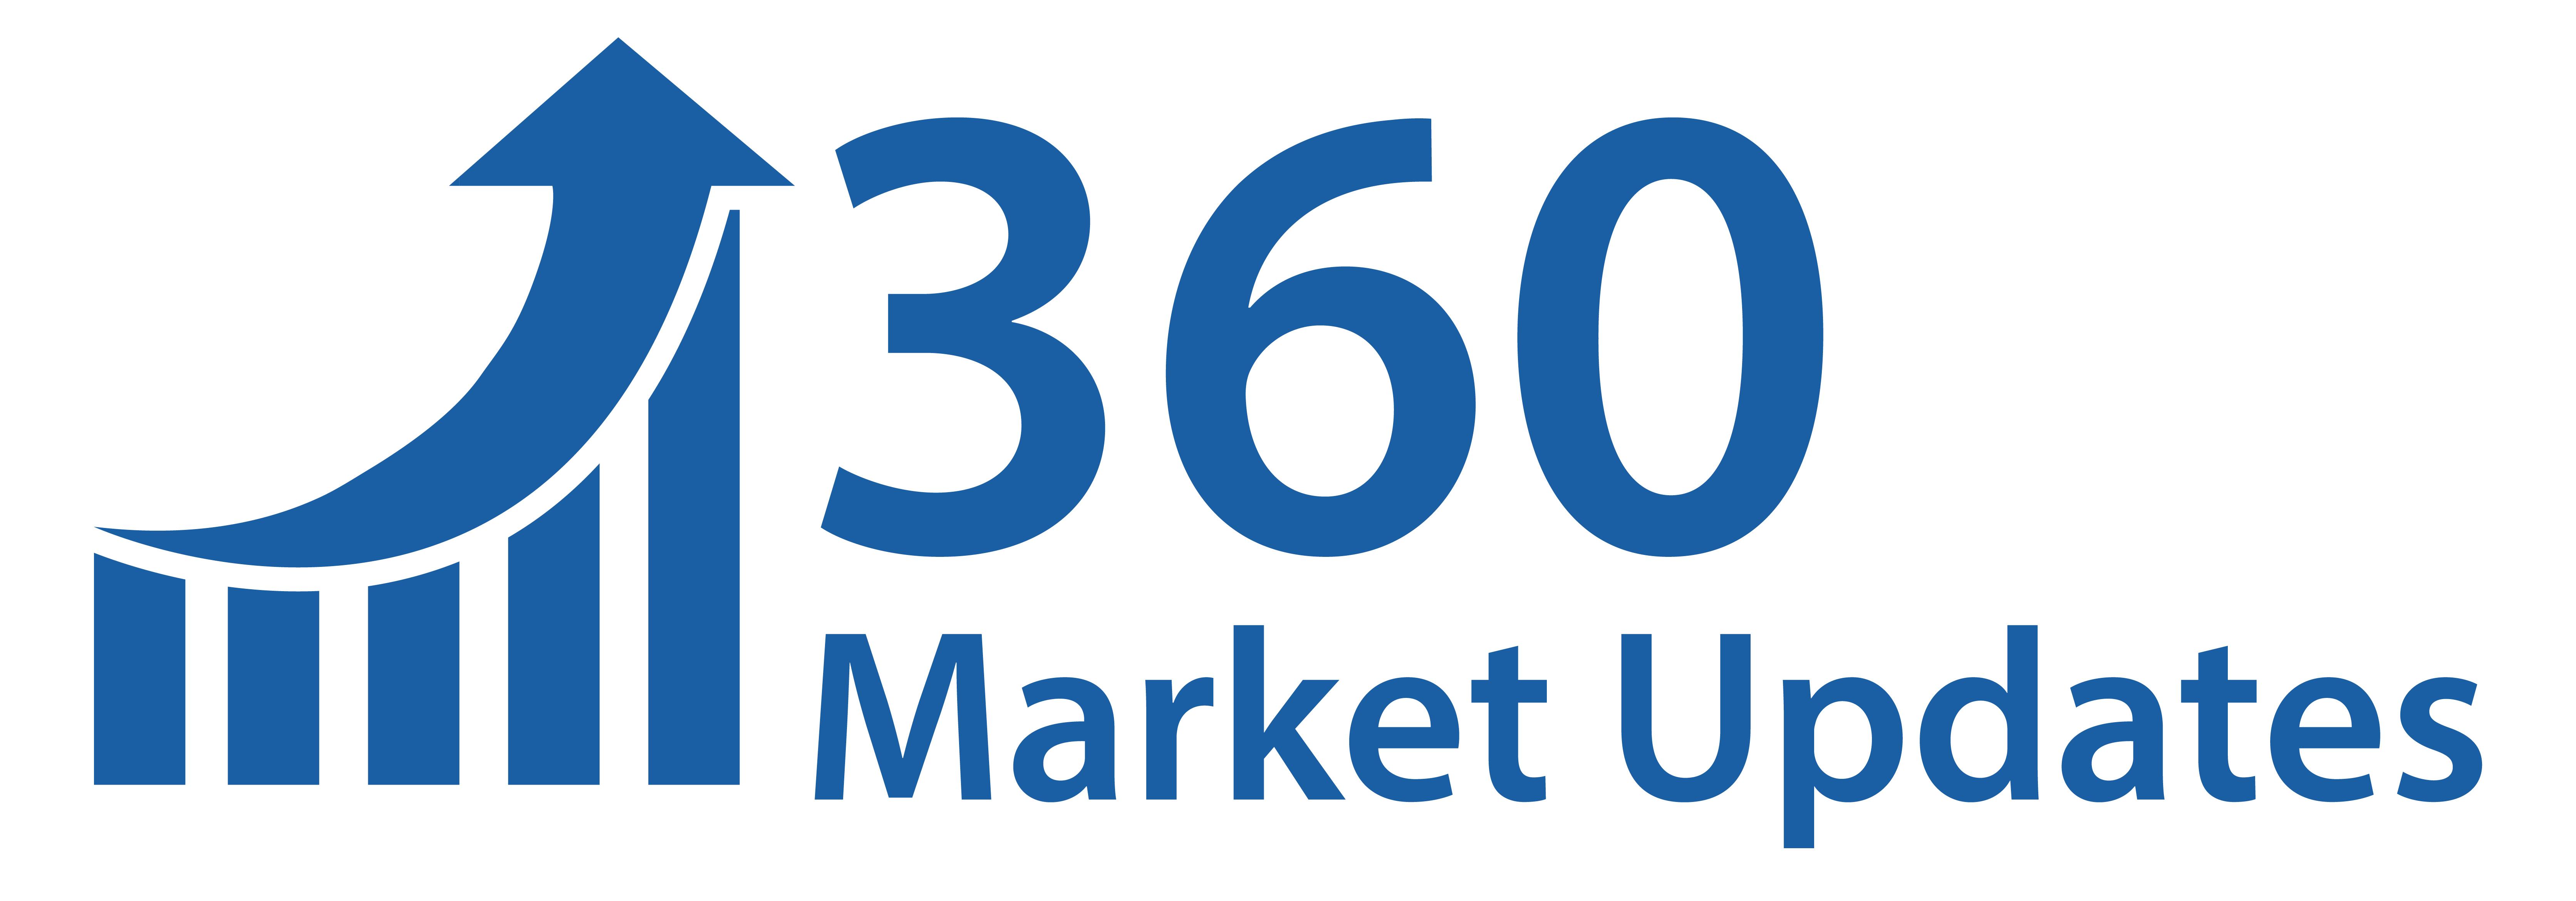 Global Orbignya Oleifera Seed Oil Market 2020 Branchengröße, Zukunftstrends, Wachstumsfaktoren, Nachfrage, Geschäftsanteil, Umsatz und Einkommen, Hersteller, Anwendung, Umfang und Chancenanalyse nach Ausblick - 2025